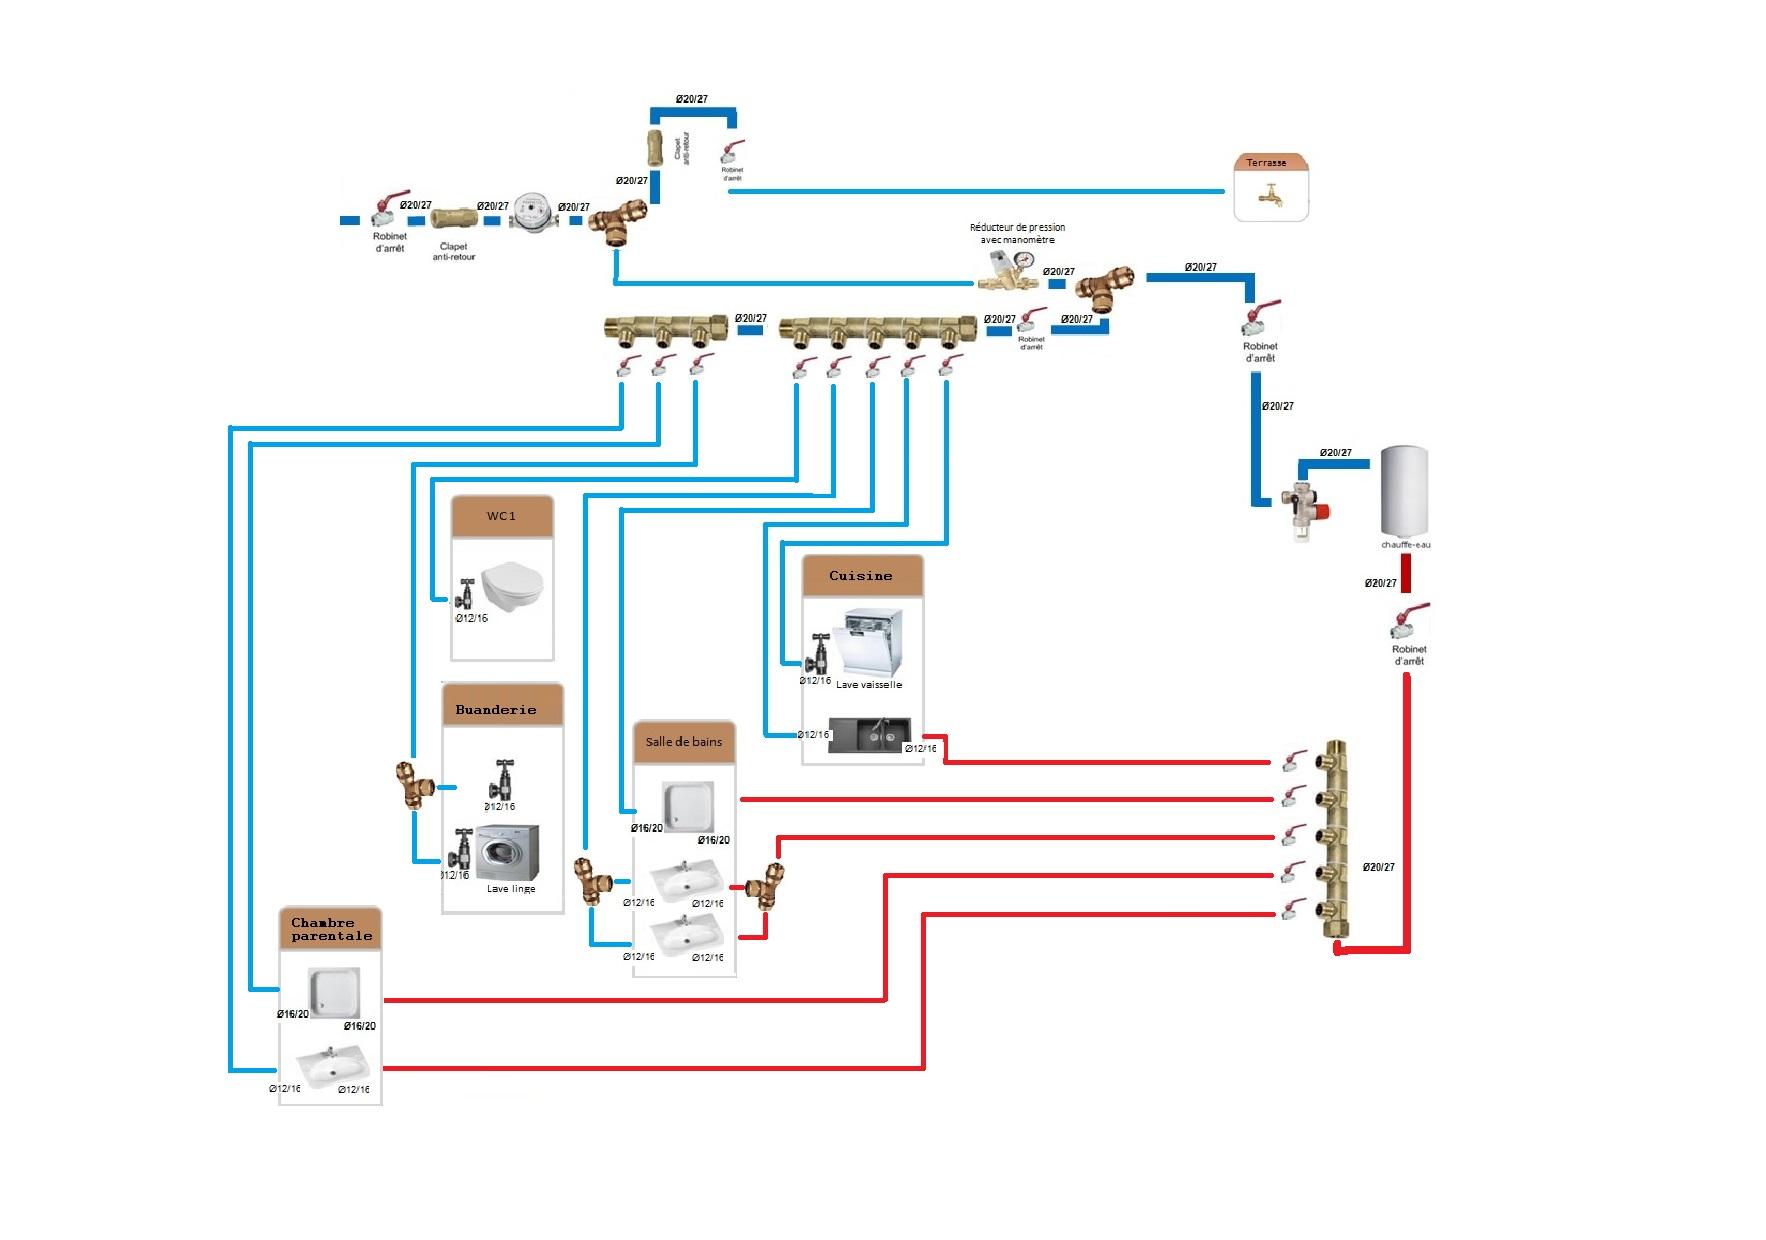 plan plomberie st martin.jpg, 195.27 kb, 1766 x 1240